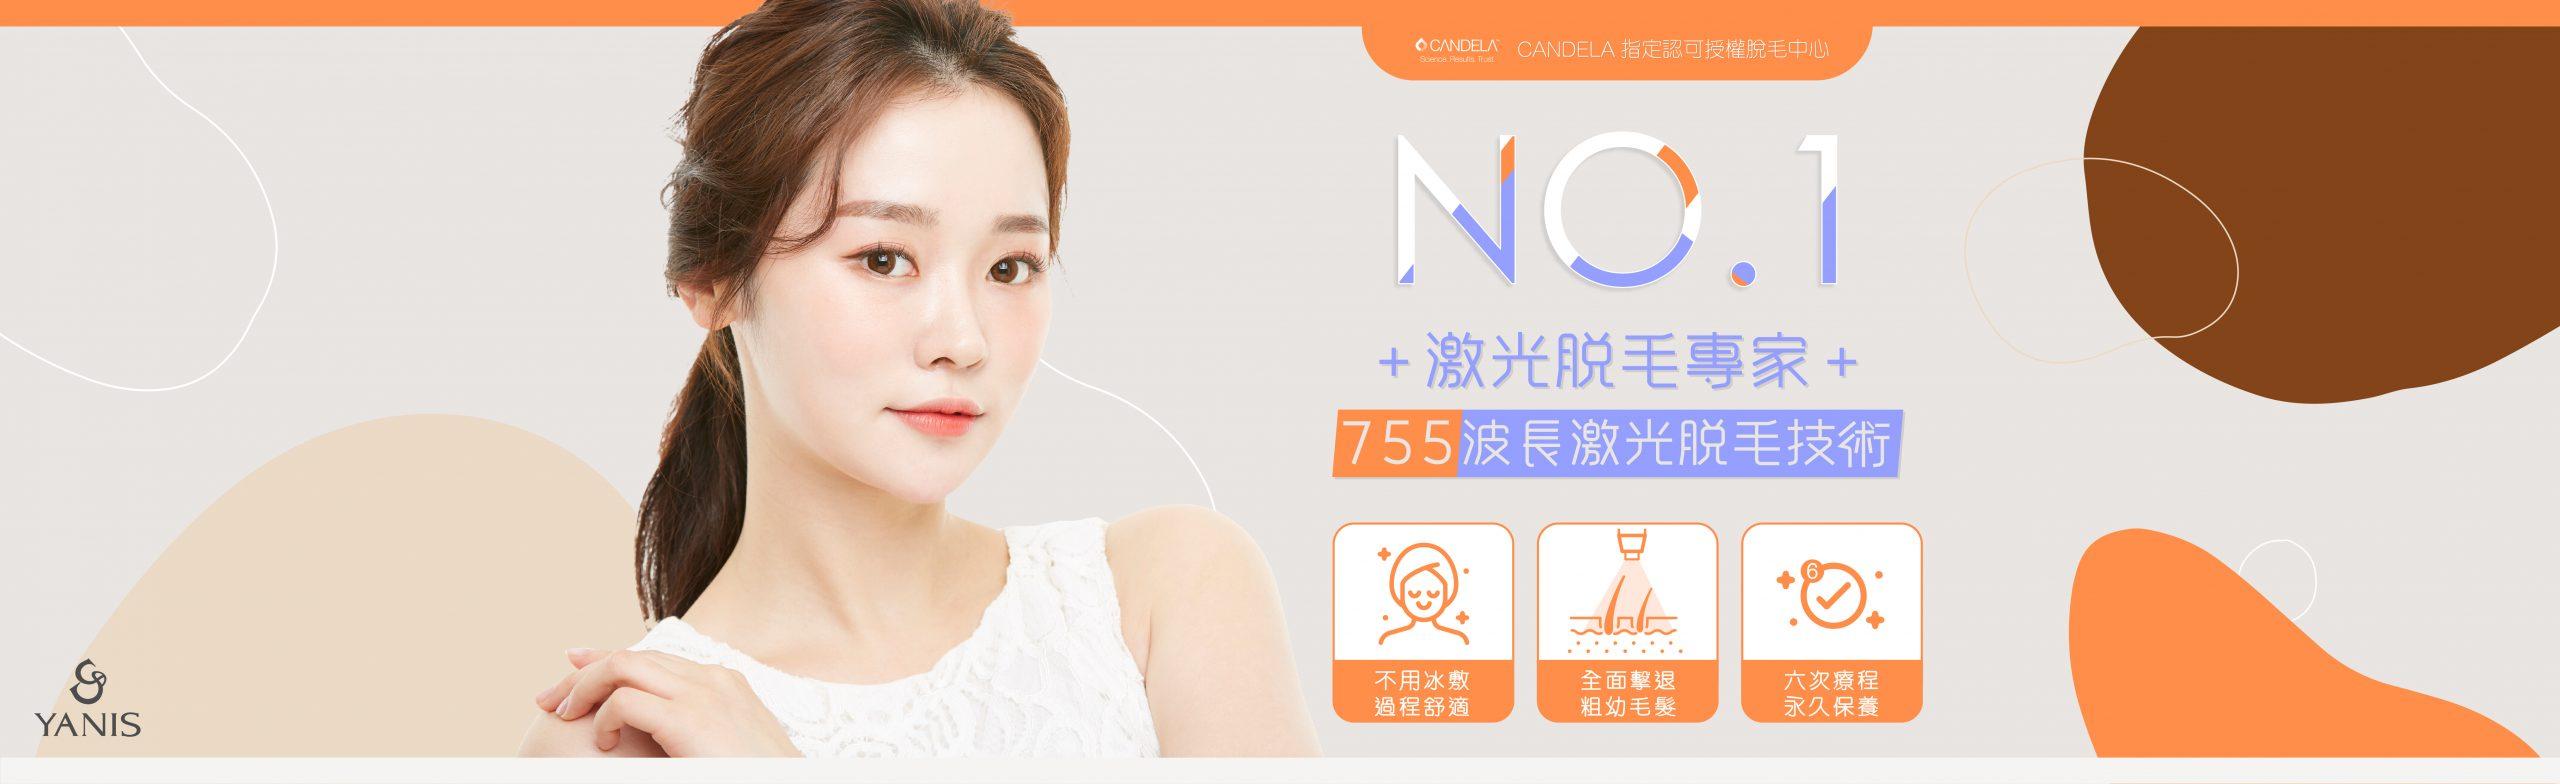 Website top banner-02